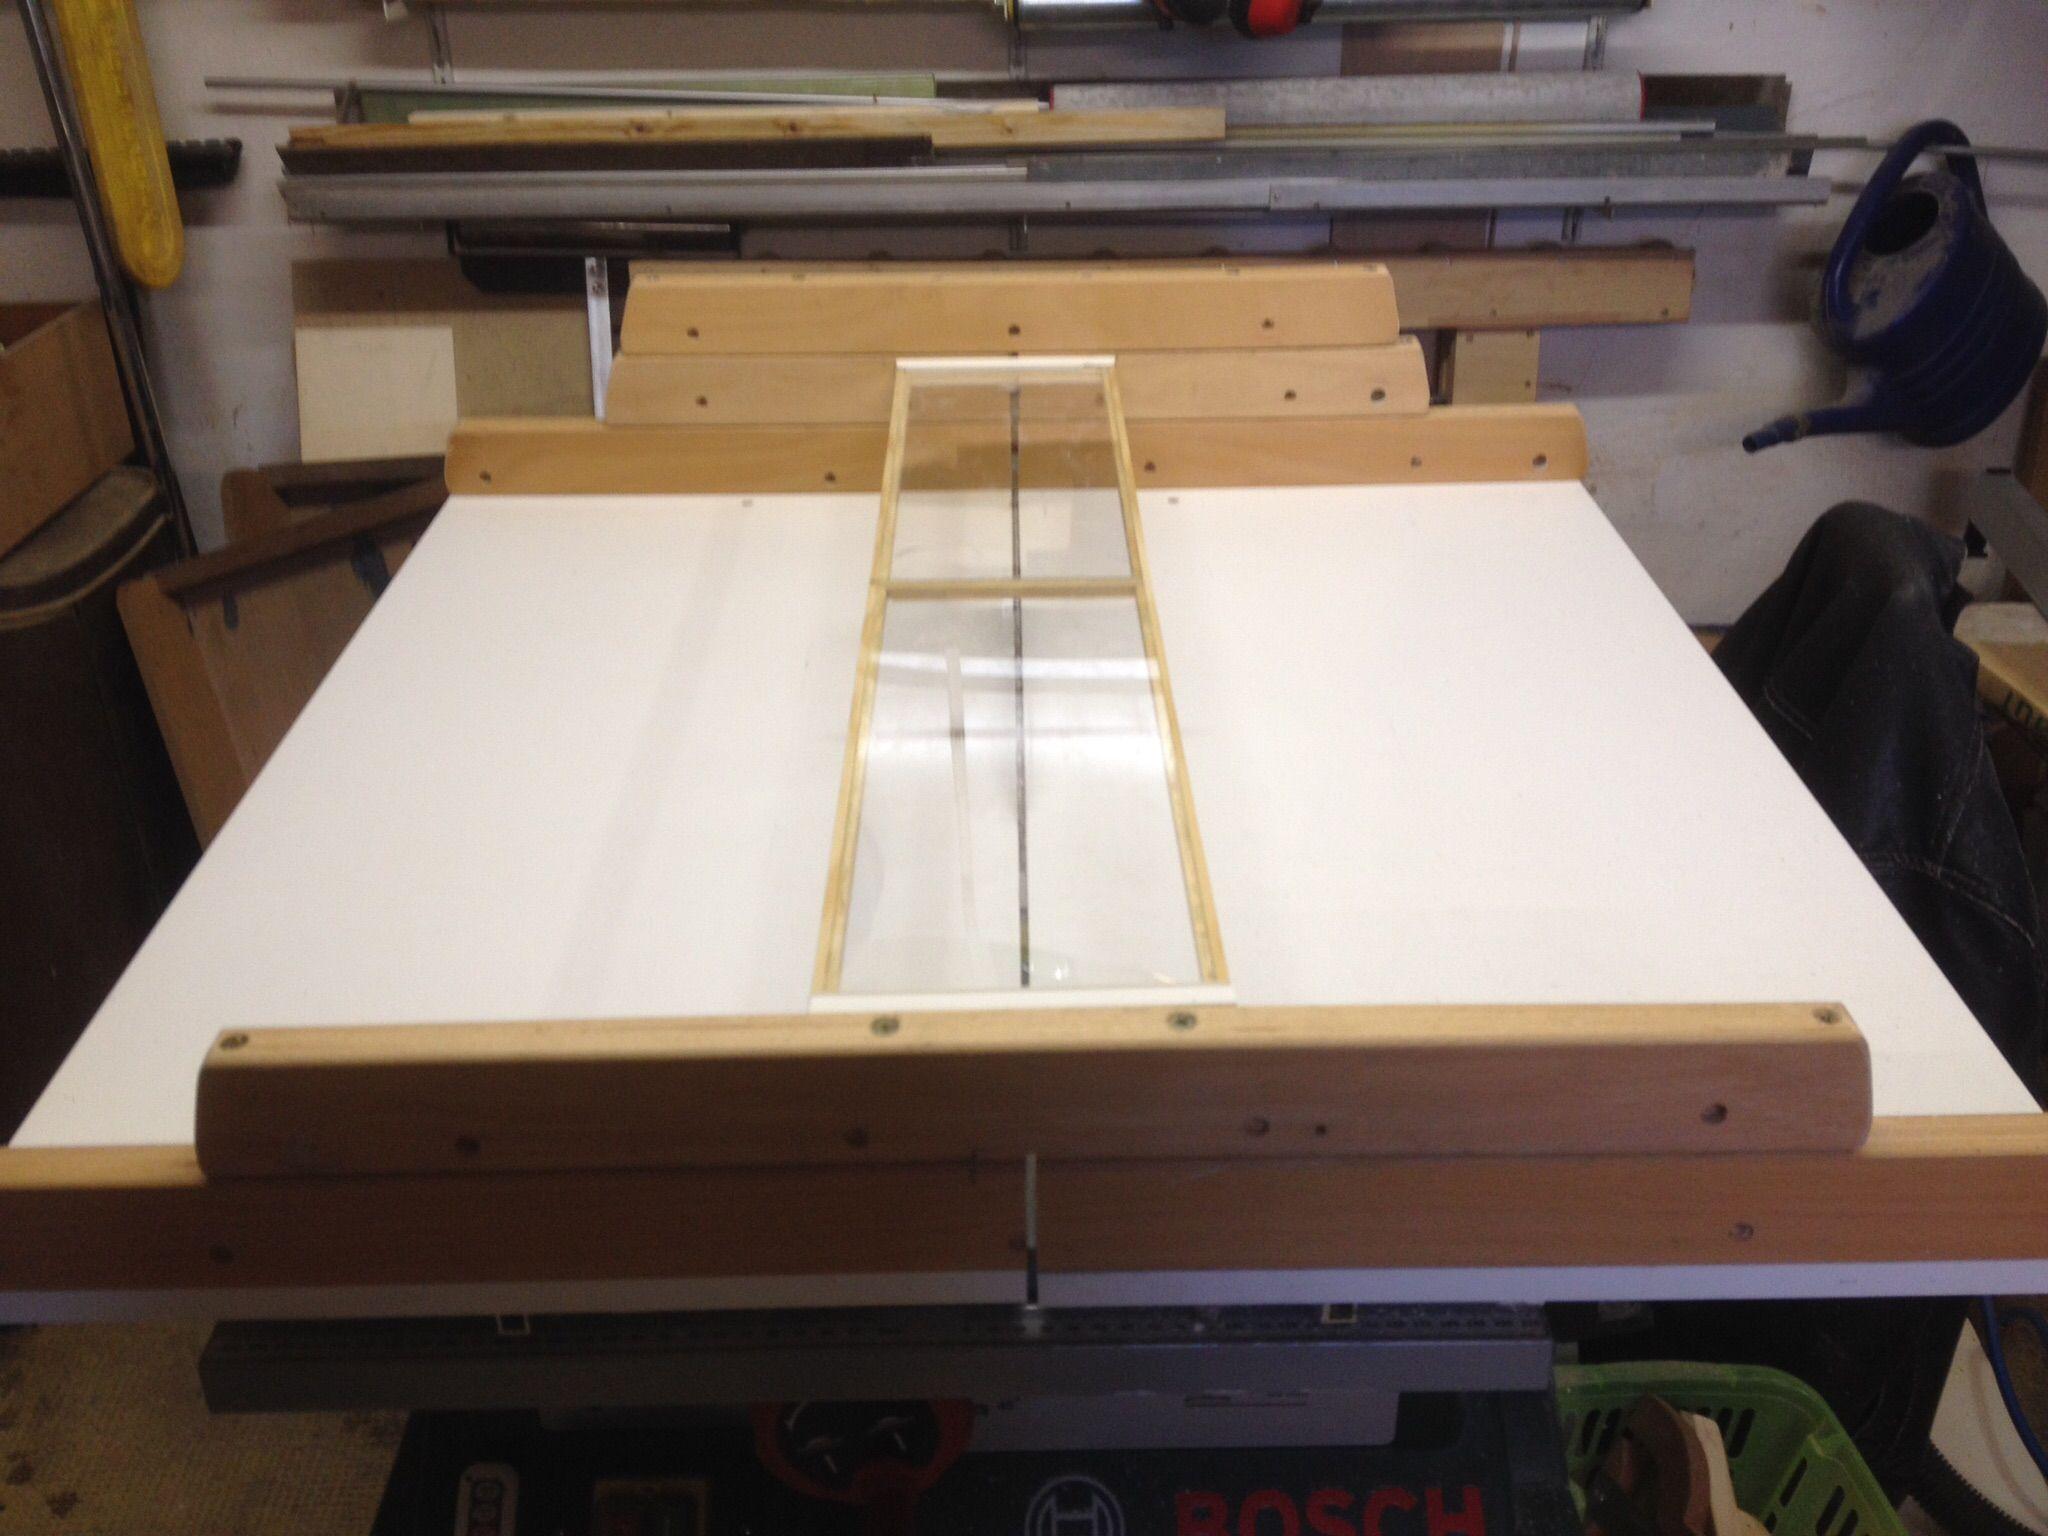 schiebetisch f r tischkreiss ge pts 10 bauanleitung zum selber werkstatt pinterest. Black Bedroom Furniture Sets. Home Design Ideas